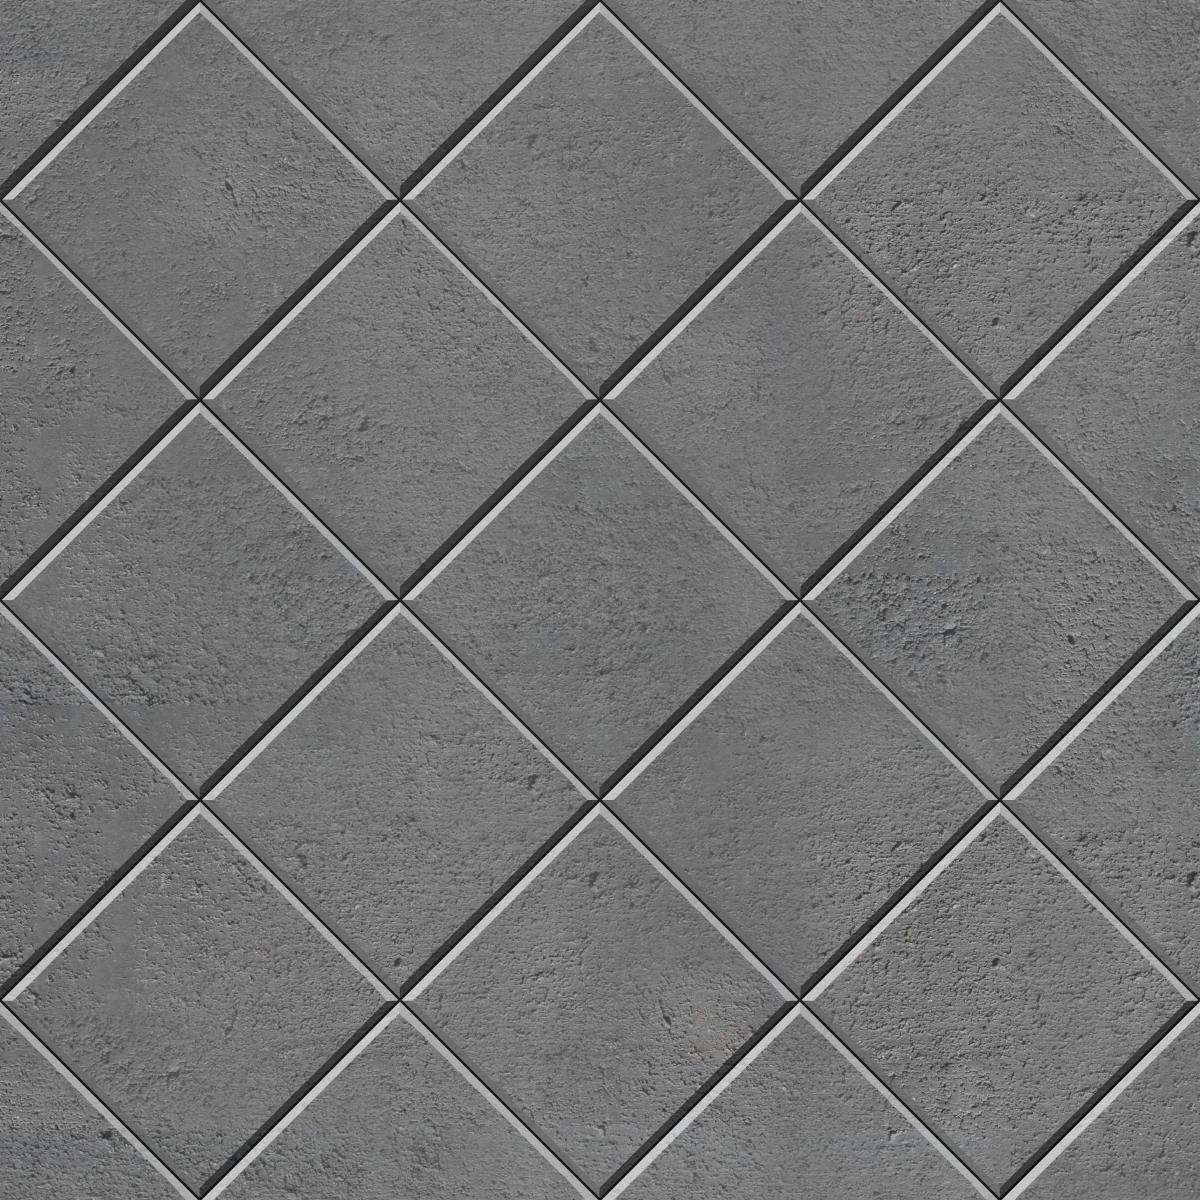 45 Stack Bond Diamond square paver